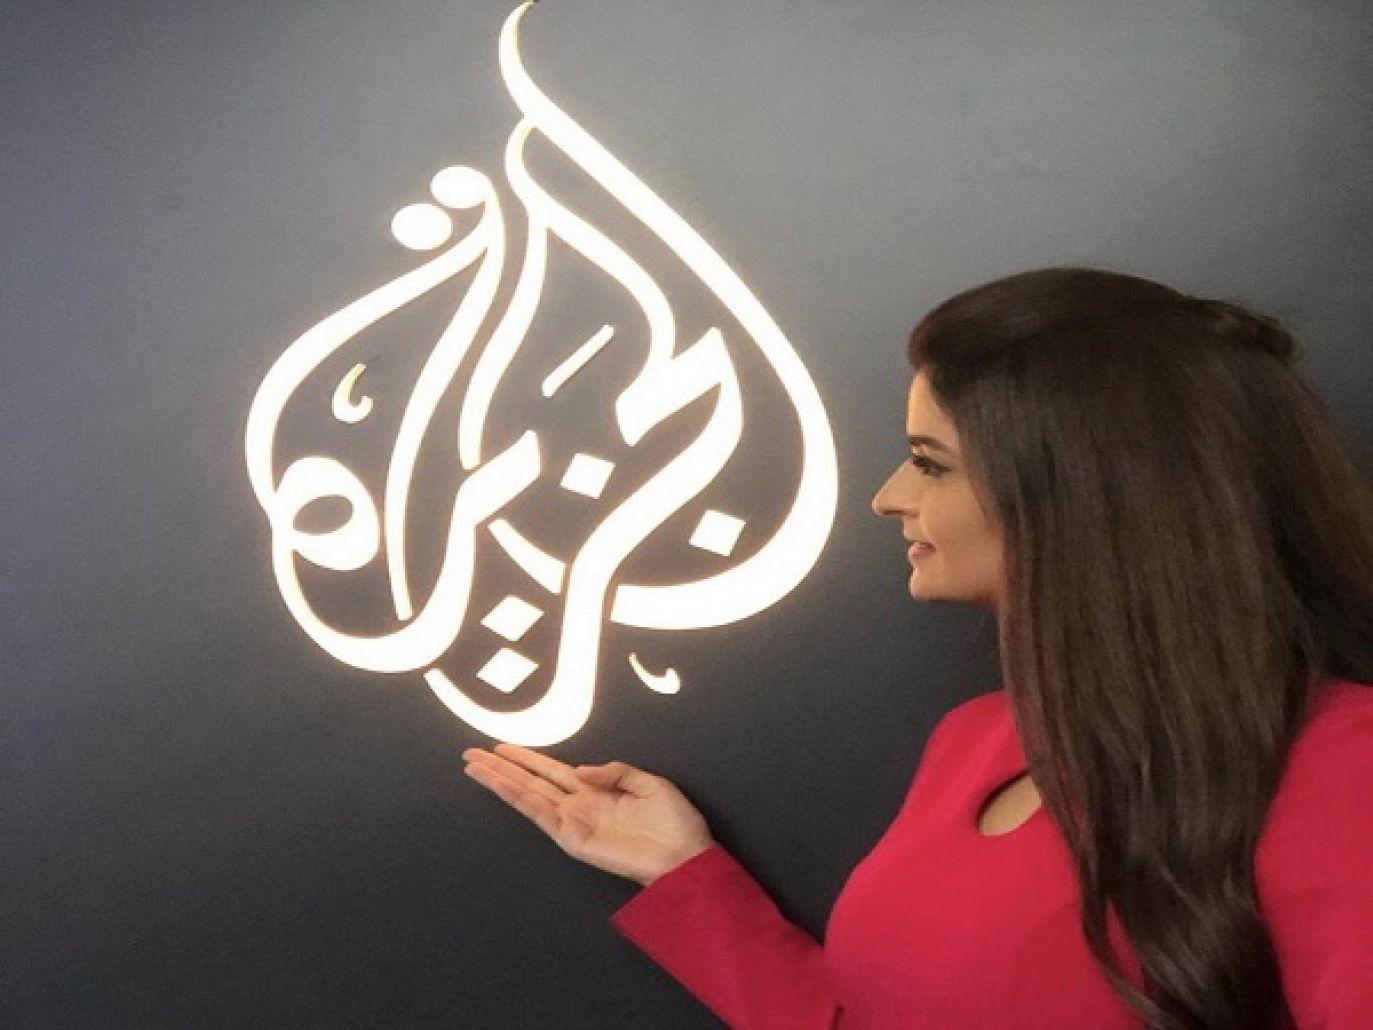 ما حقيقة استغناء قناة الجزيرة عن علا الفارس؟.. هكذا ردت بأحدث ظهور لها (شاهد)